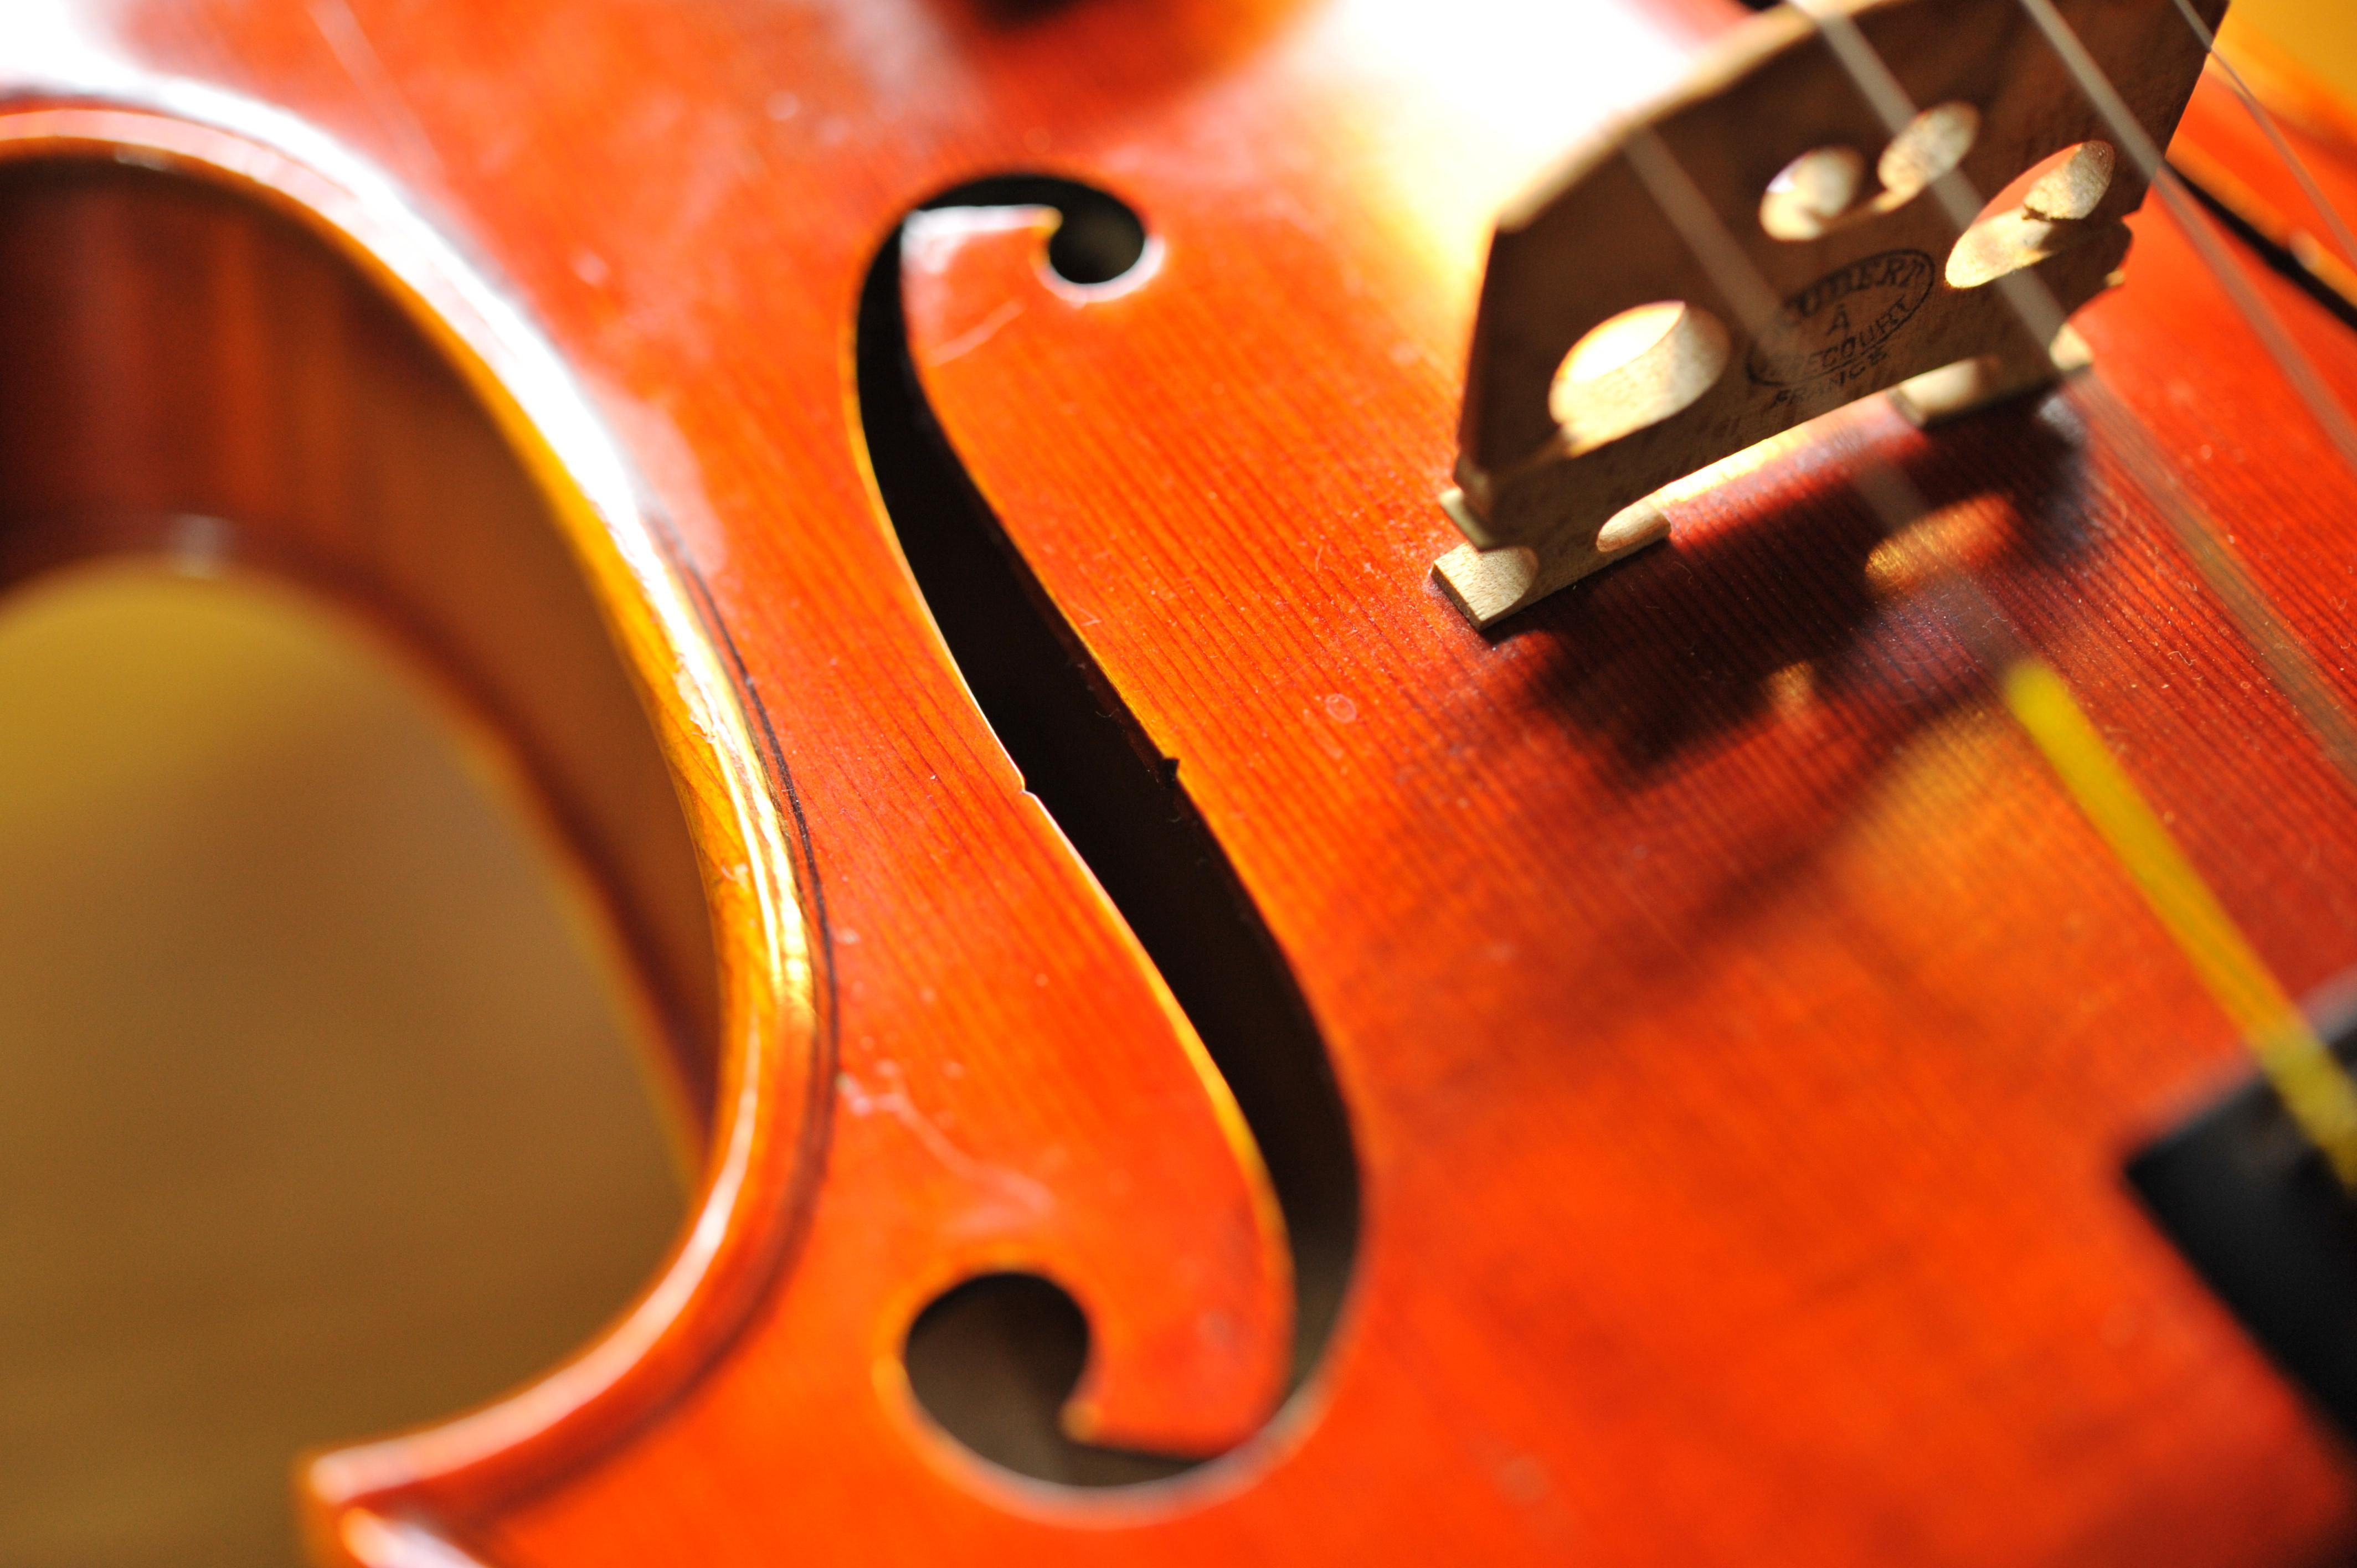 Suzuki Violin For Sale Uk